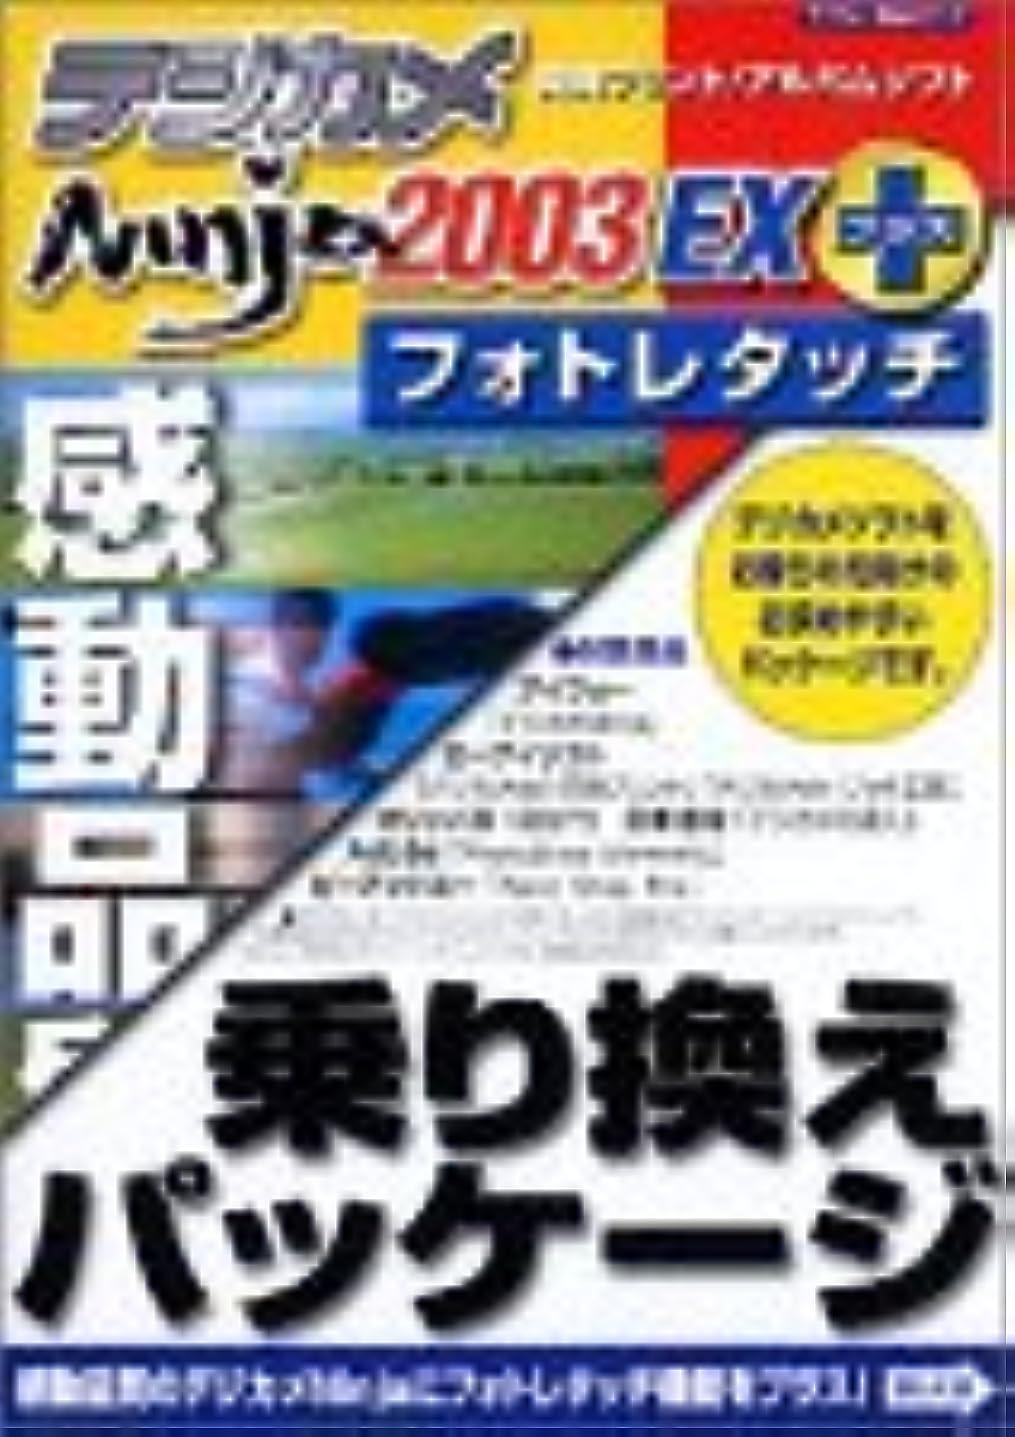 ペチュランスピアノ一貫性のないデジカメ Ninja 2003EX+ for Windows 乗り換えパッケージ